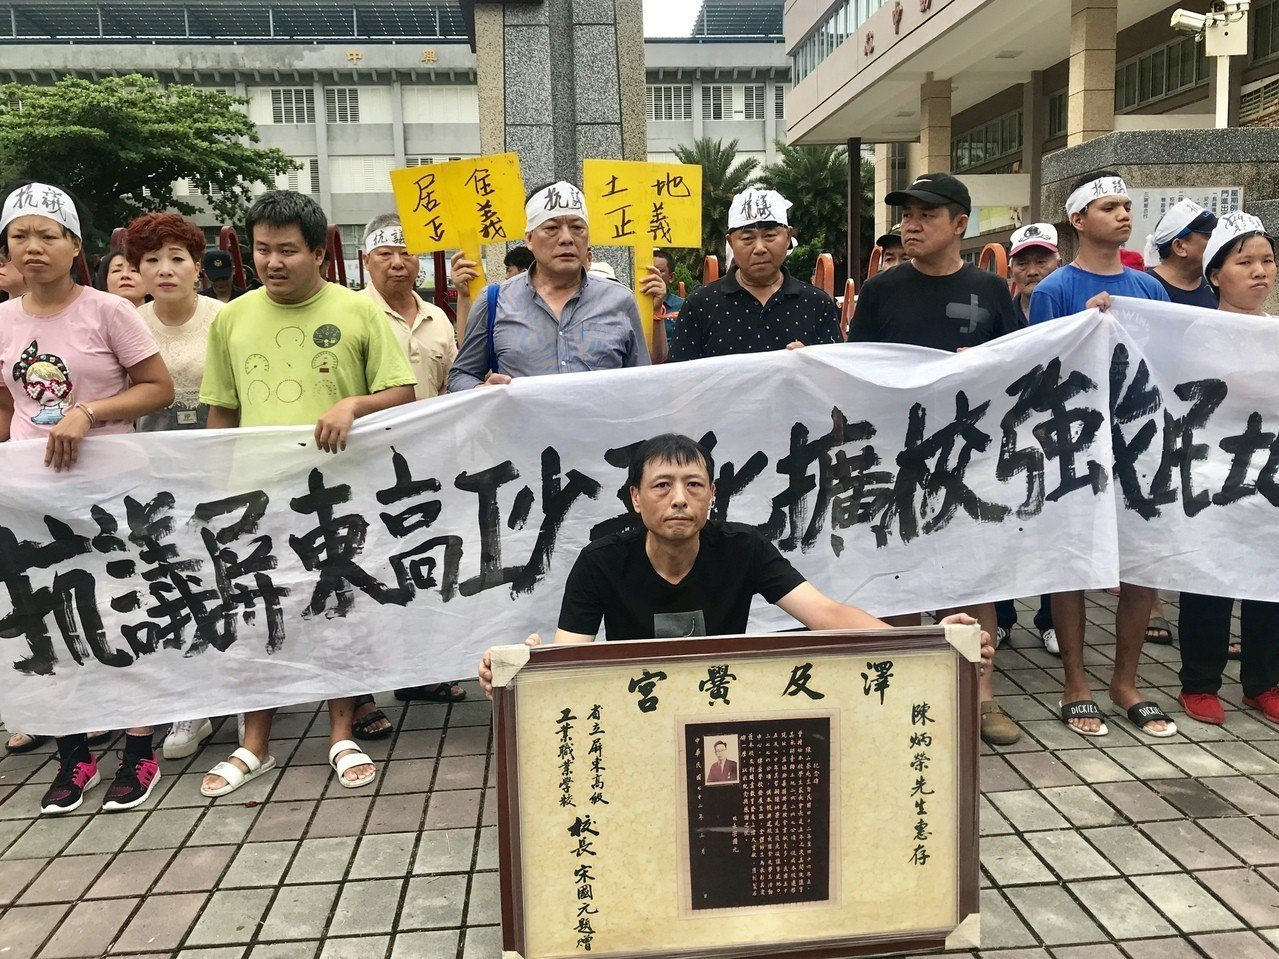 居住在國立屏東高工旁的數十名居民,不滿學校強占民地導致纏訟多年,上午前往學校抗議...